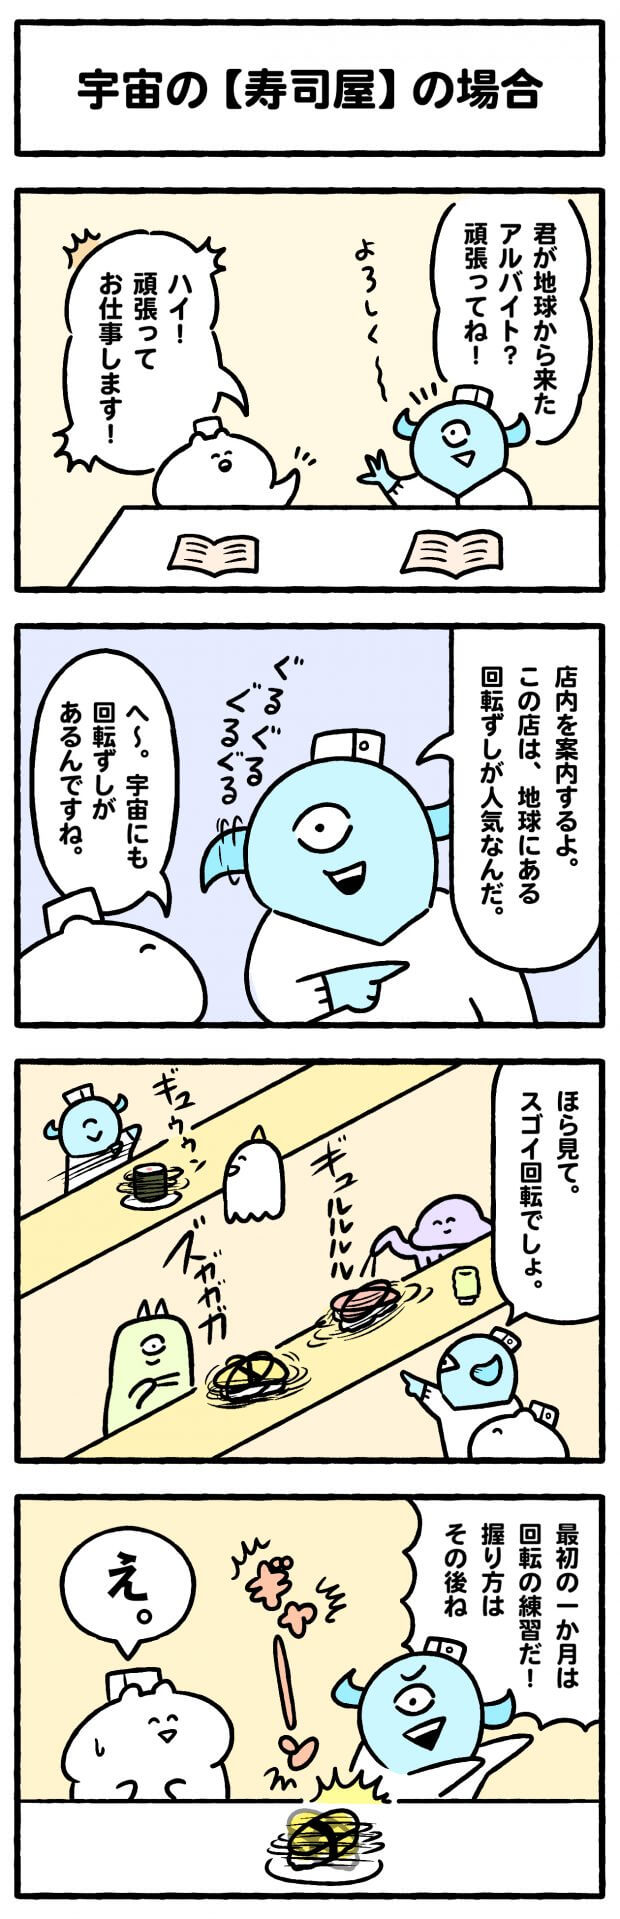 STUDY_yu_baito1